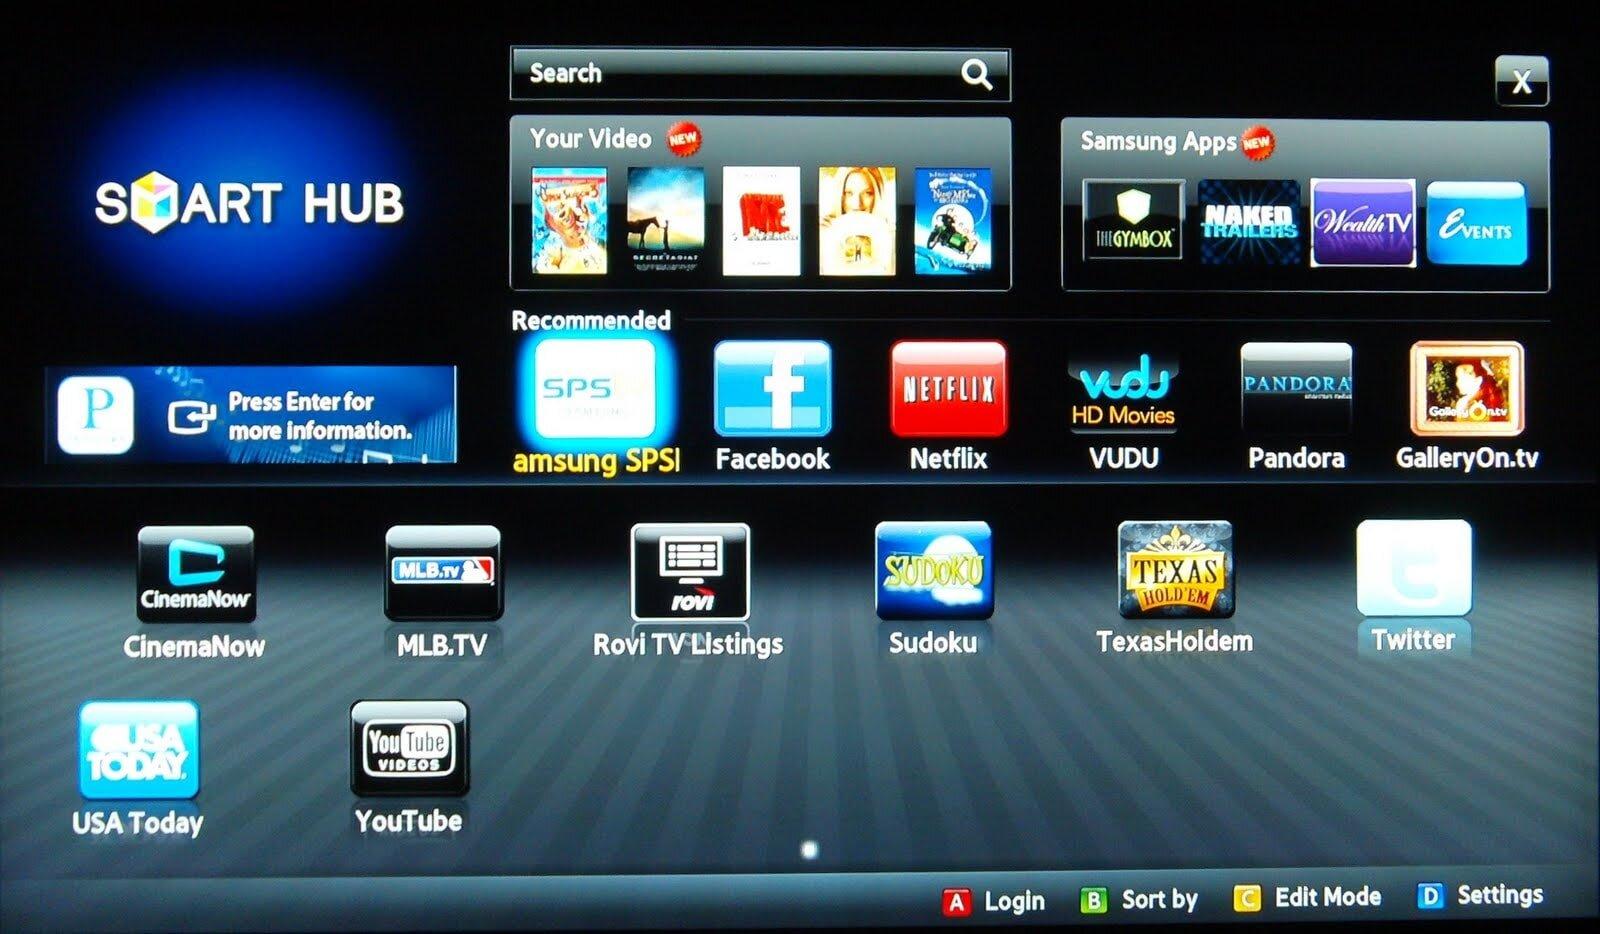 Sau khi khởi chạy Smart Hub hãy chọn các ứng dụng yêu thích